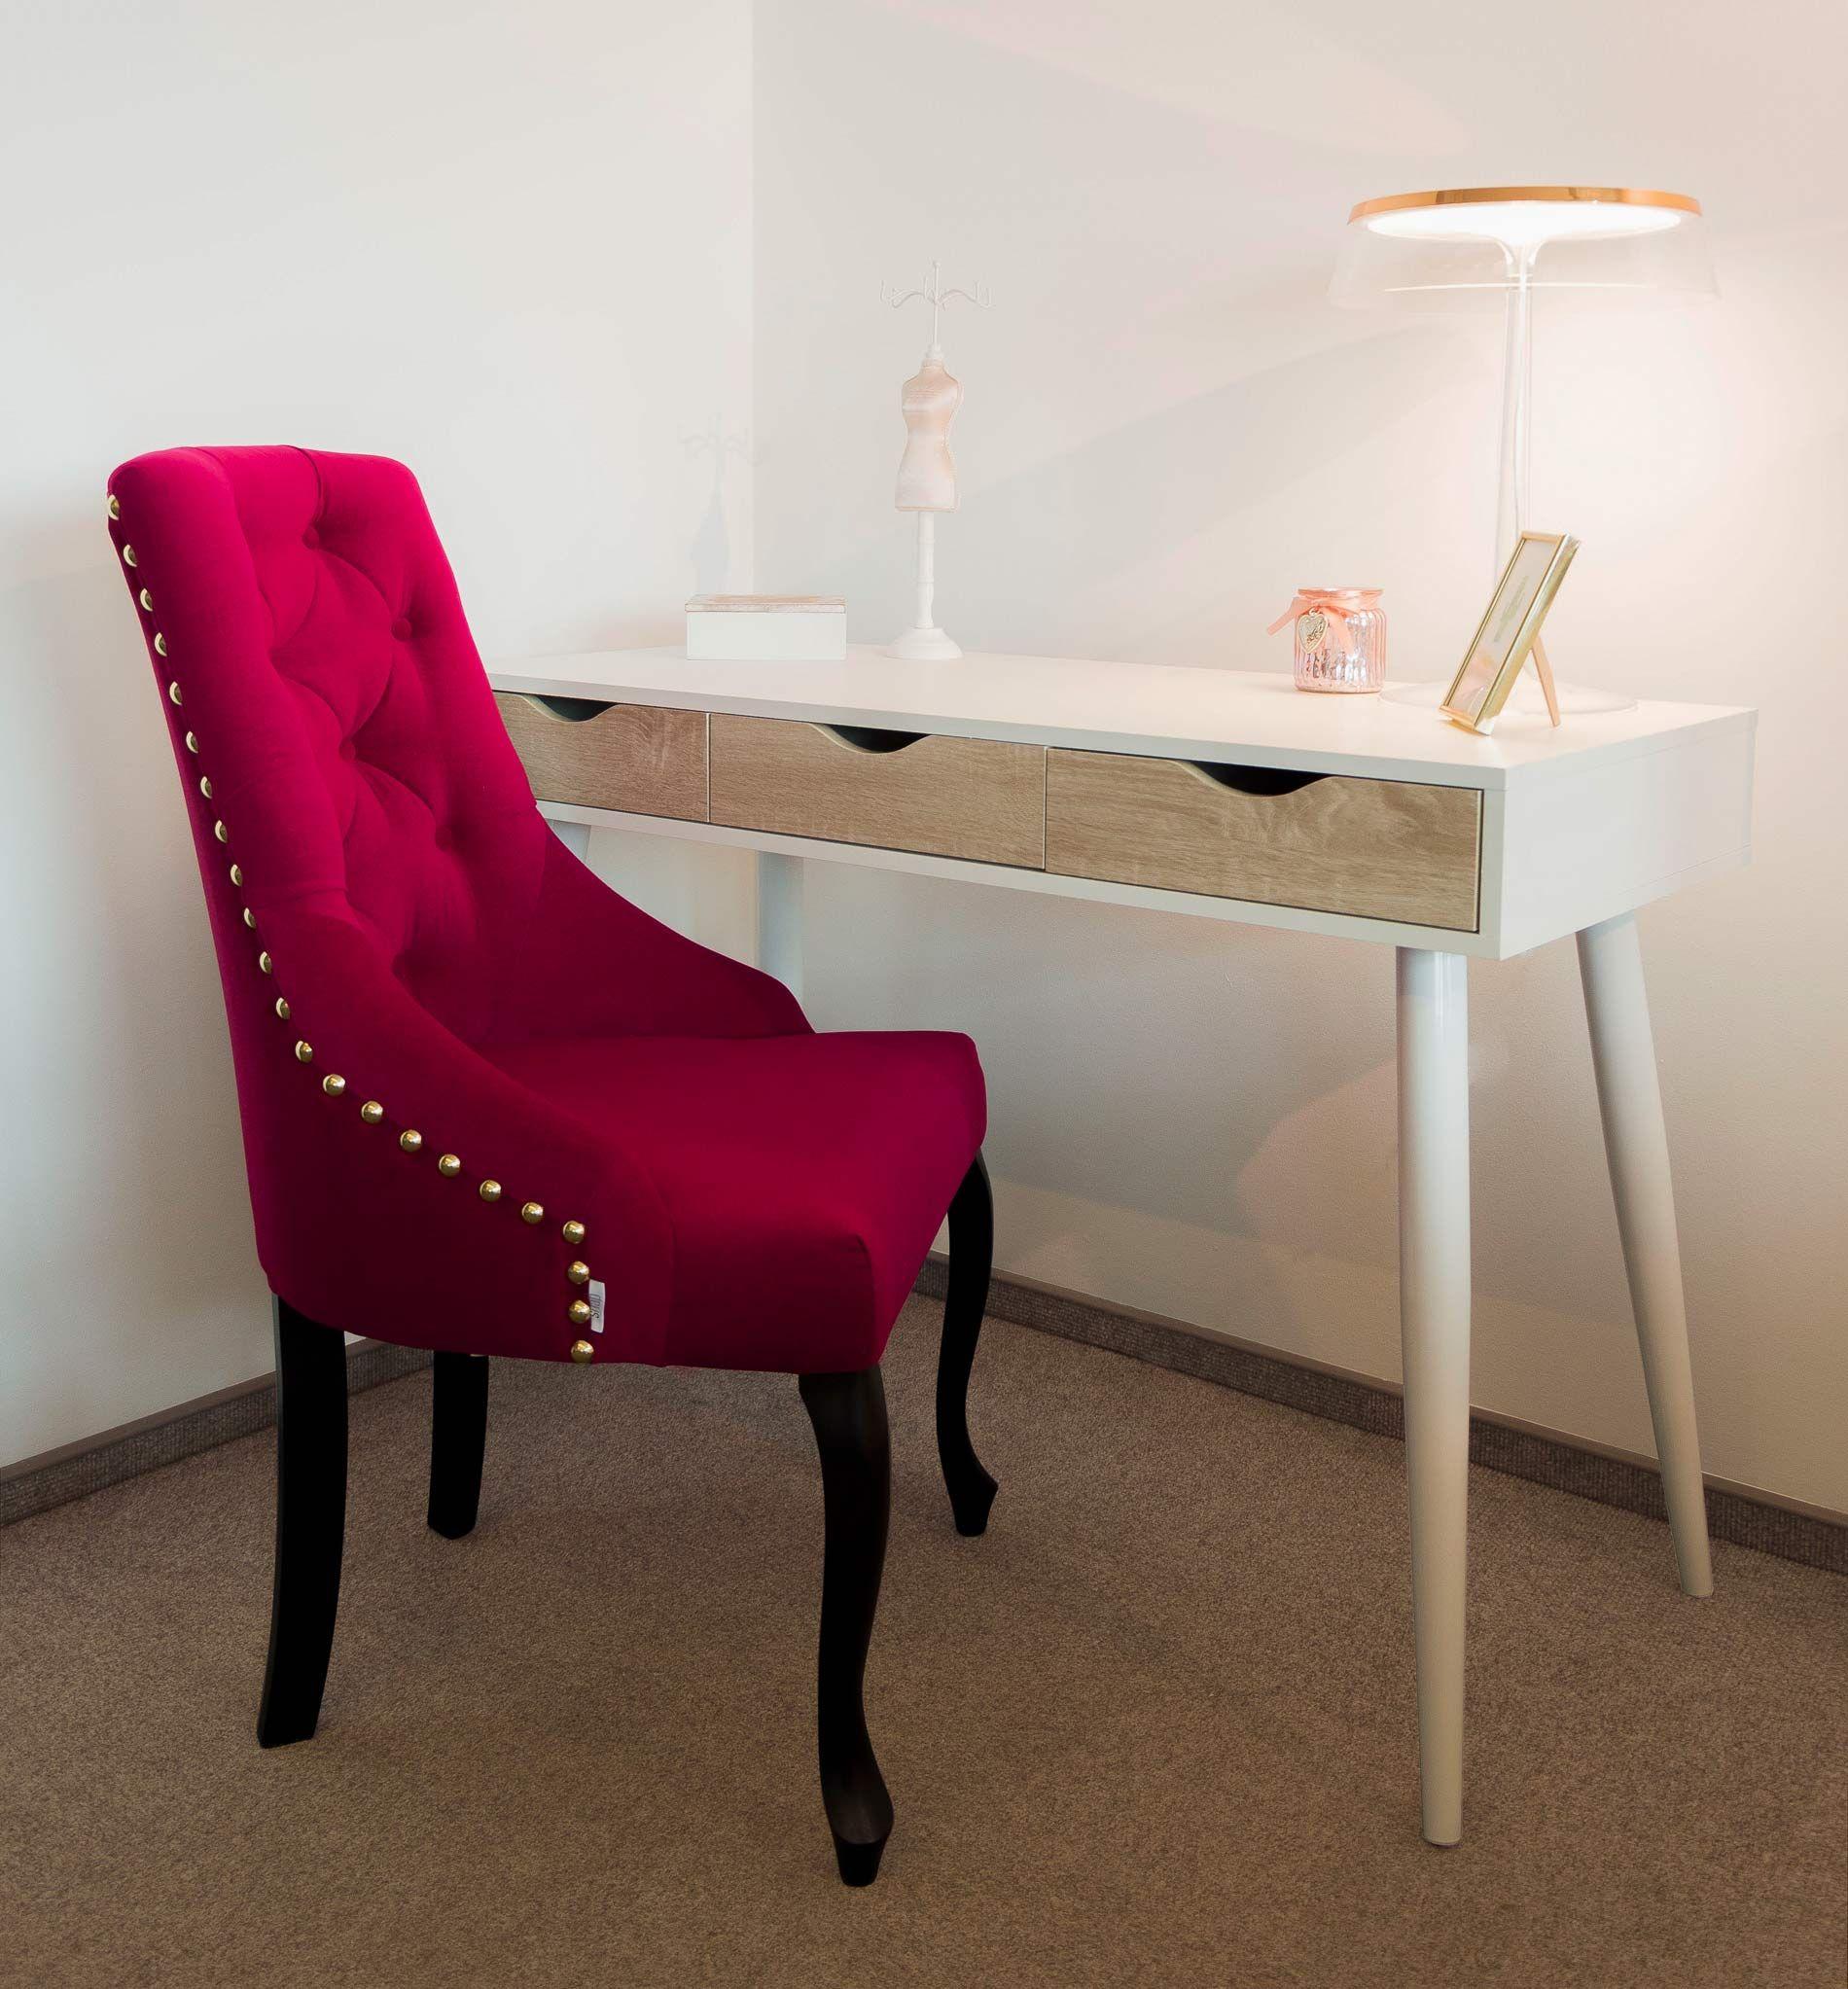 36230ffad39016 Krzesła 🔹Sisi🔹 marki Snap polecają się również jako piękne, stylowe i  bardzo wygodne krzesła do toaletki 😍❤️